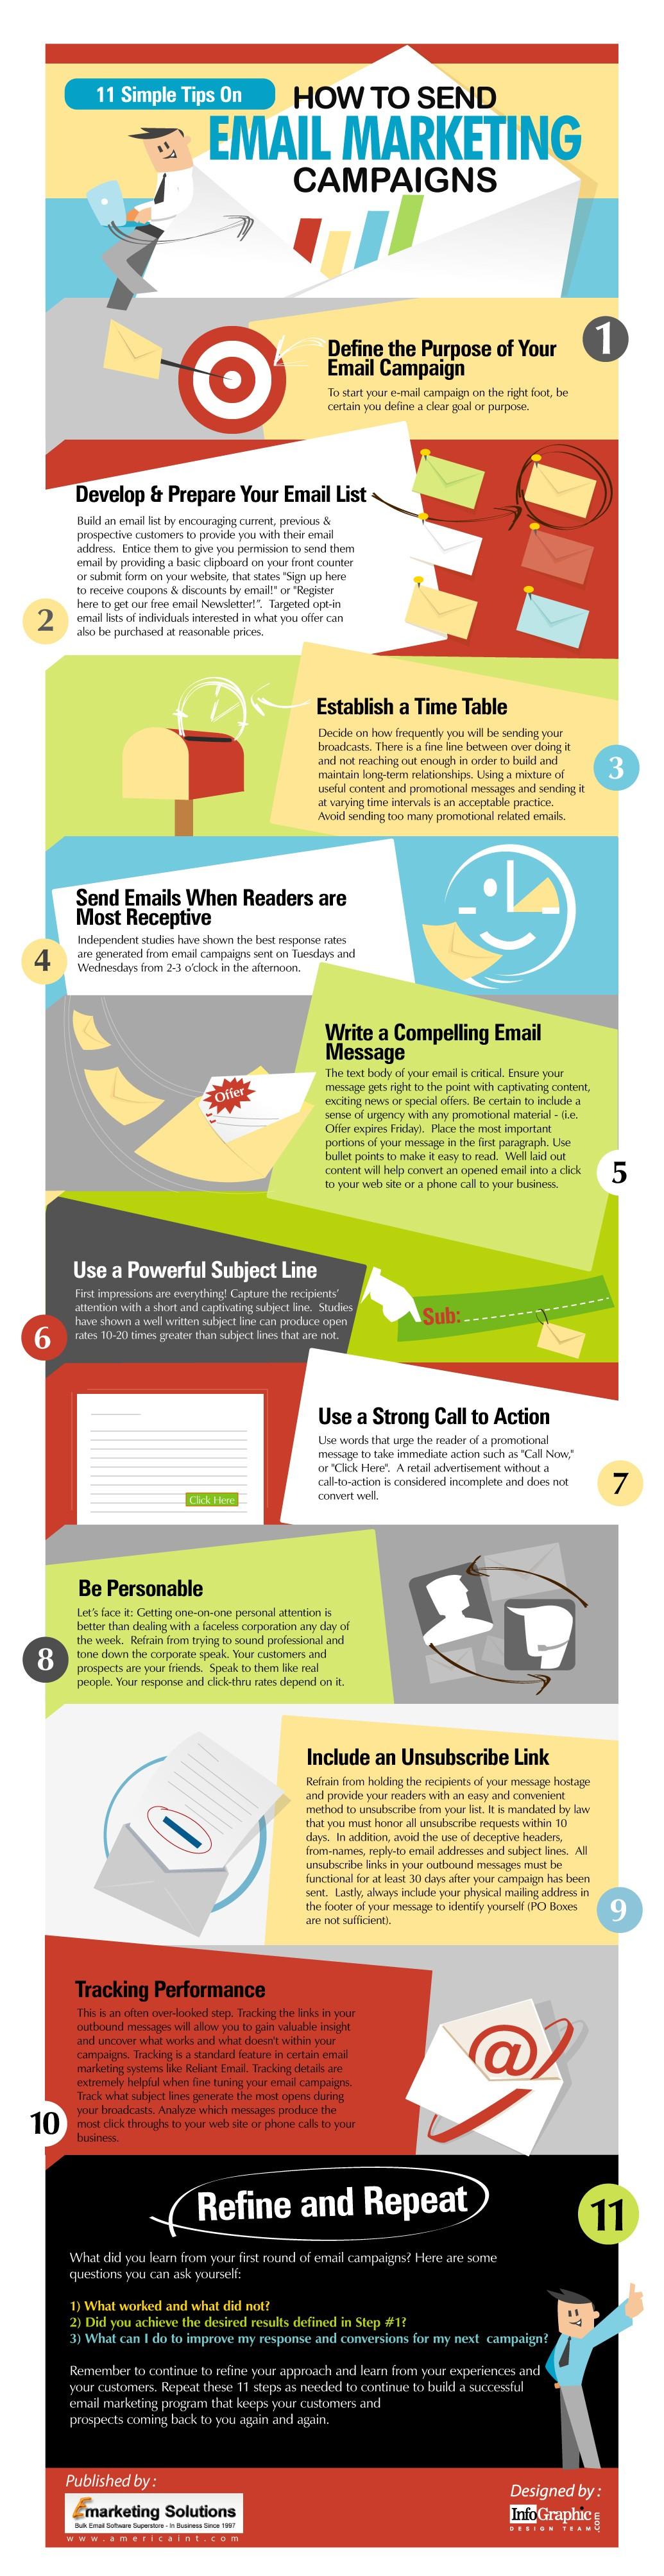 E-mail Pazarlama Kampanyaları Nasıl Gönderilir?